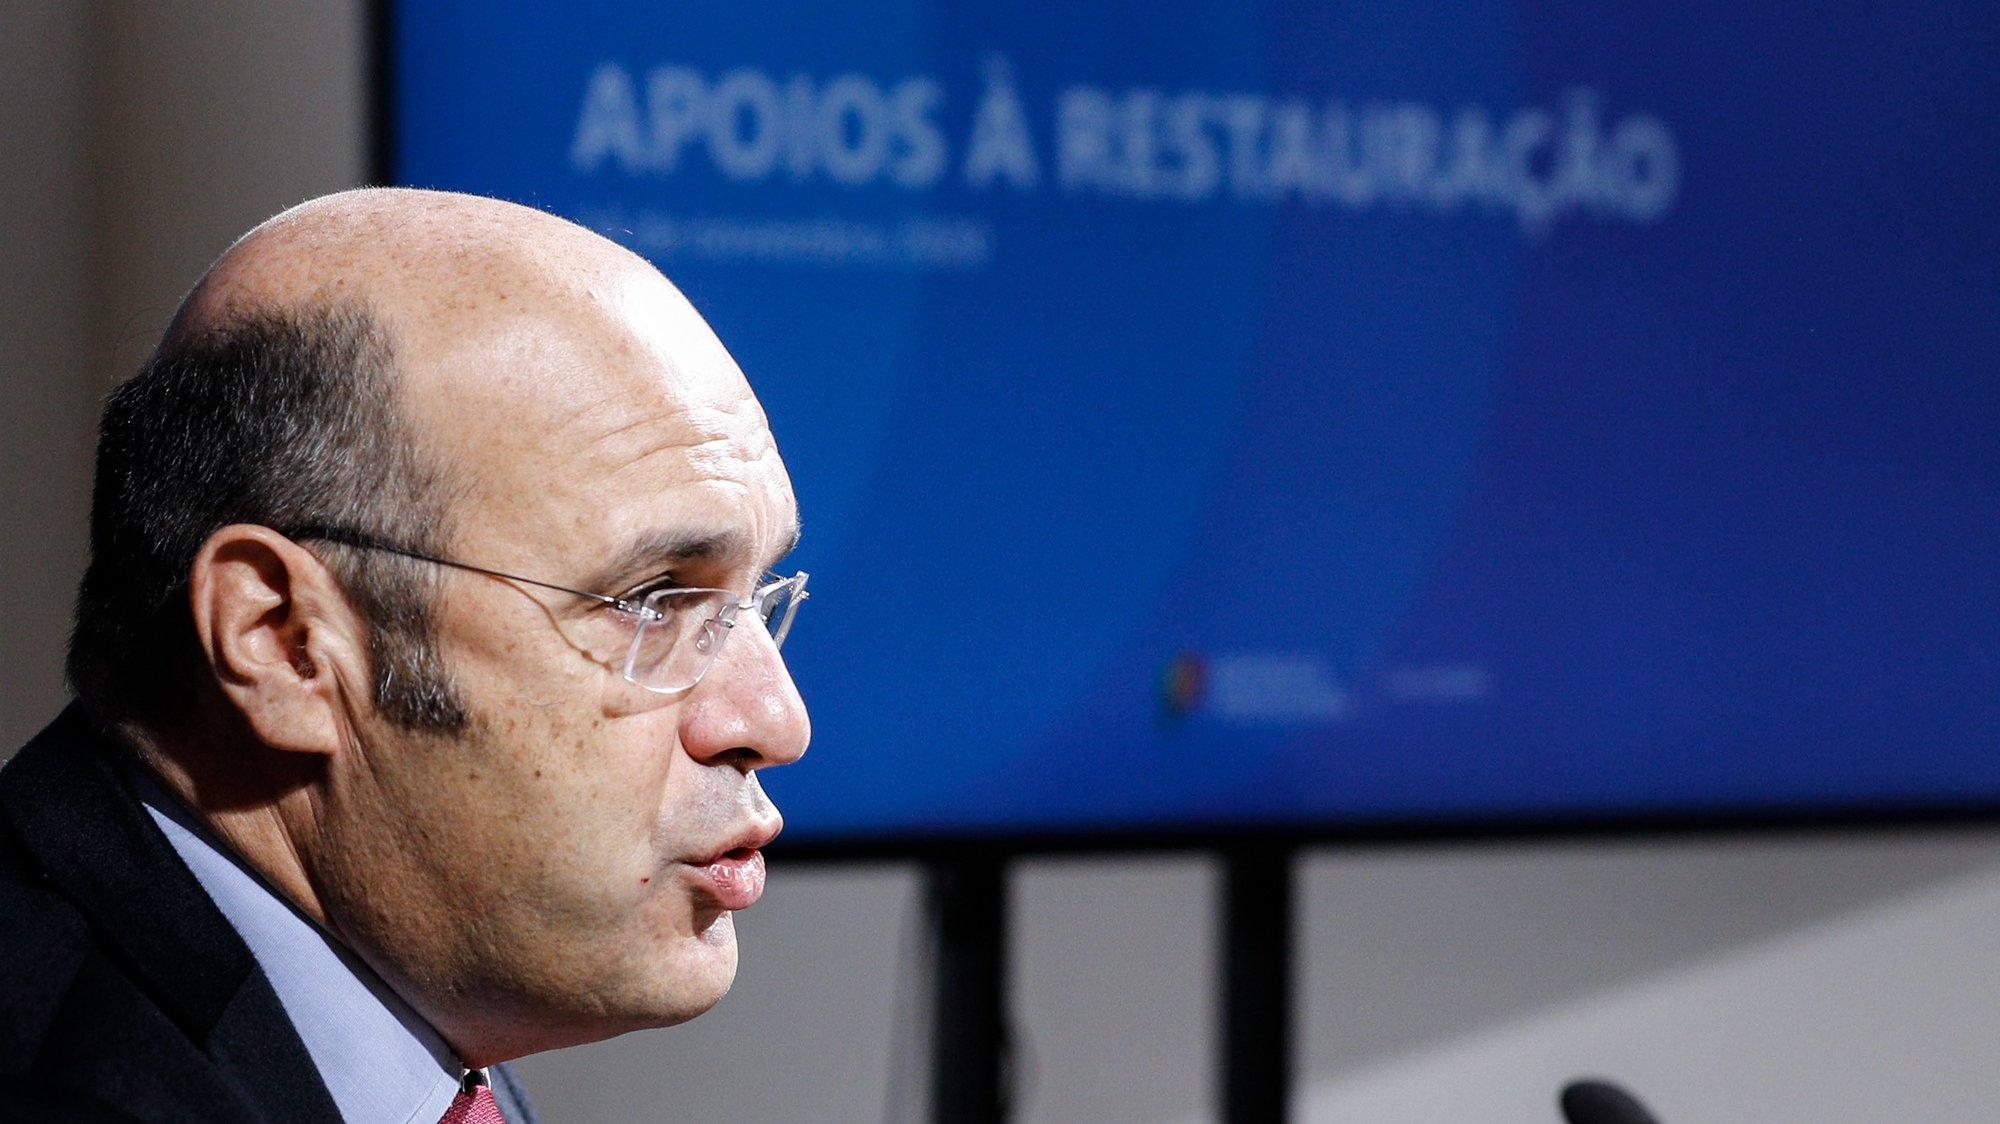 O ministro de Estado, da Economia e Transição Digital, Siza Vieira, fala aos jornalistas sobre as medidas de apoio às empresas, Lisboa, 14 de novembro de 2020. ANTÓNIO COTRIM/LUSA